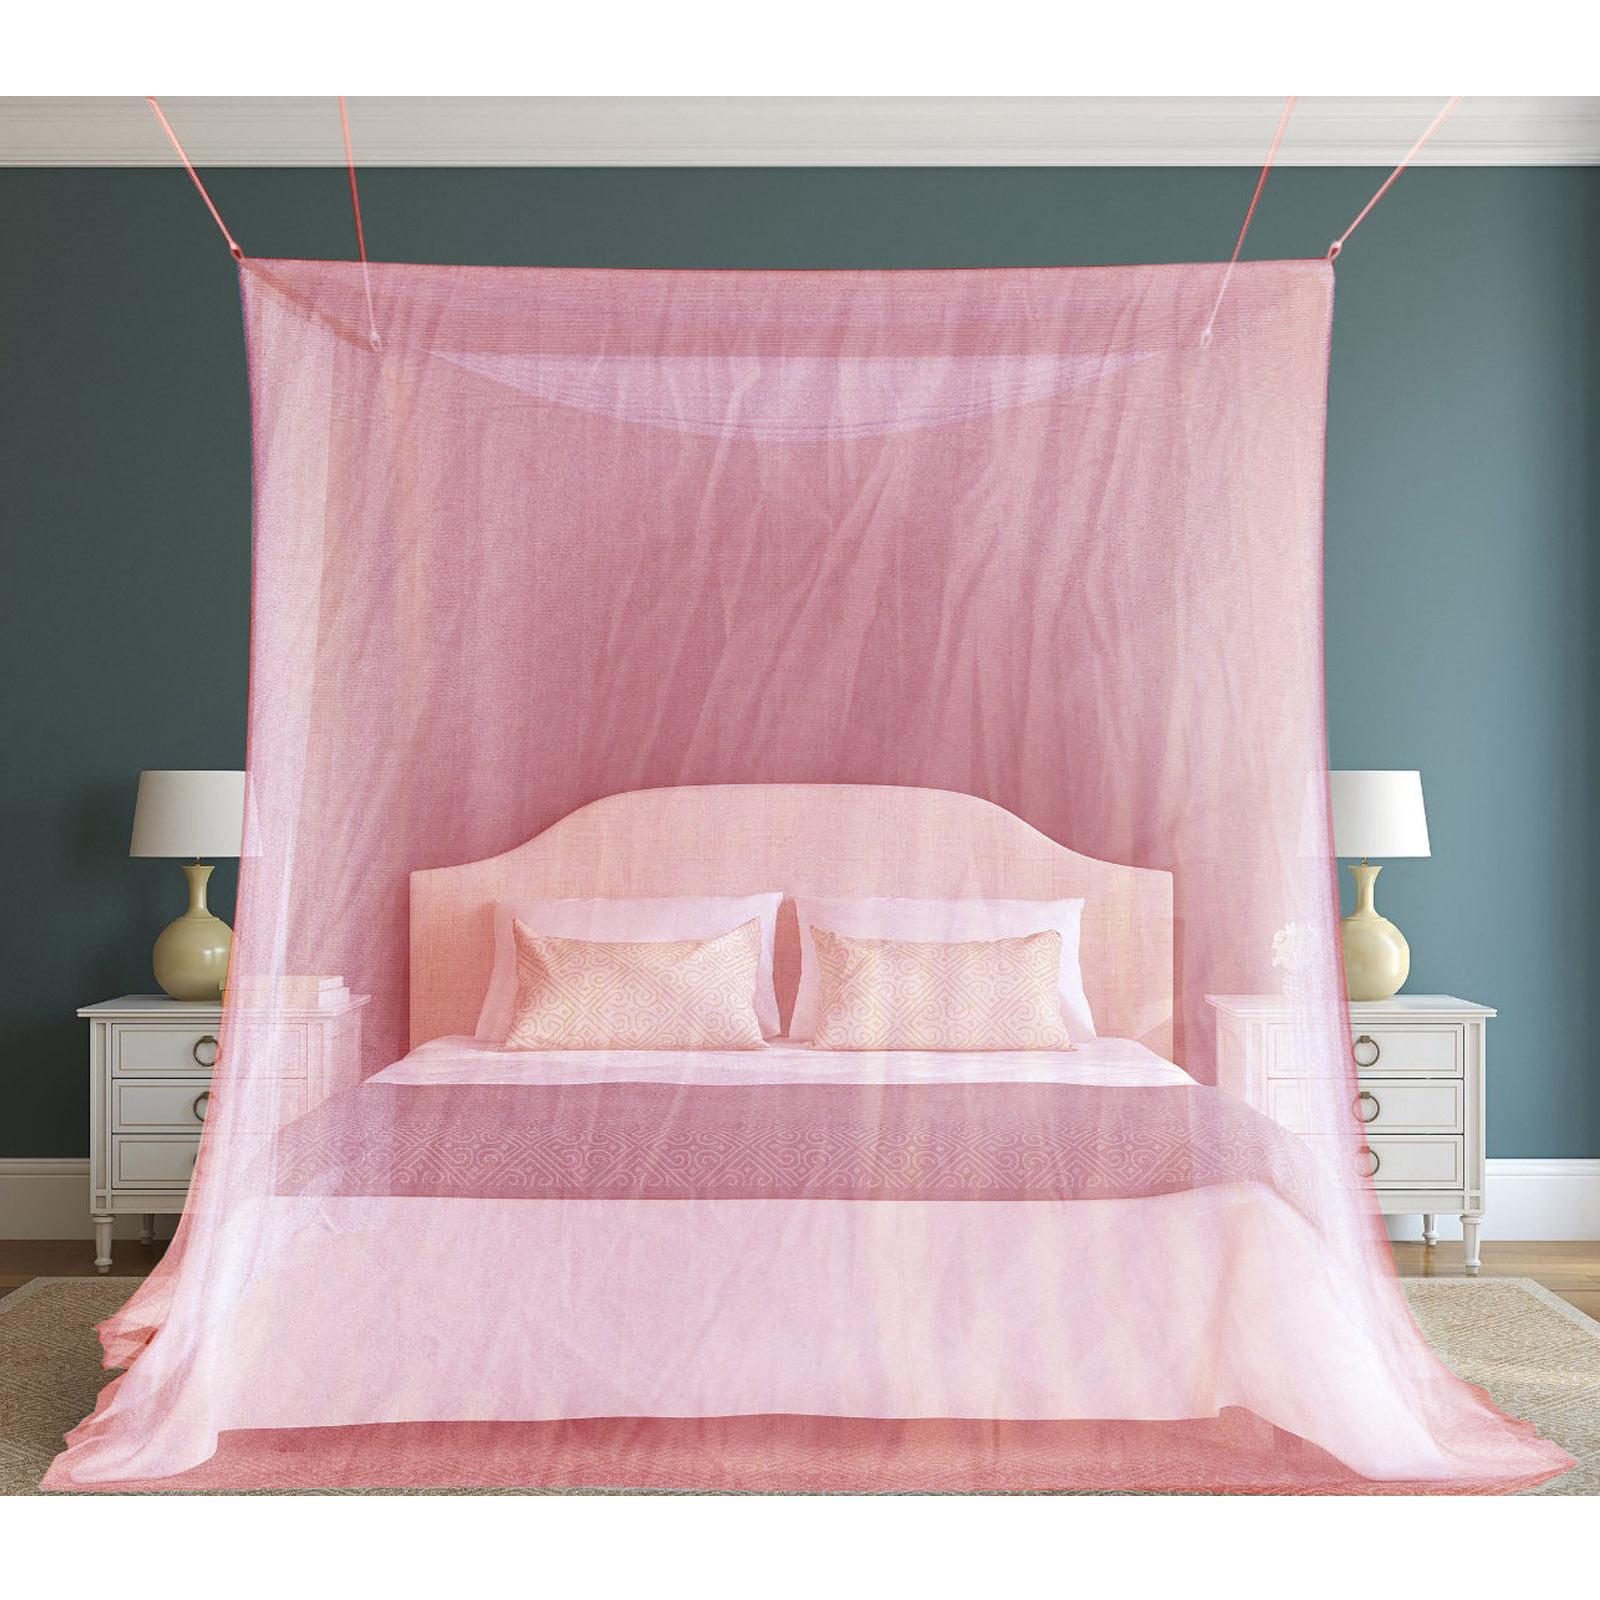 Tenda riquadrante zanzariera da letto rete protezione - Insetti da letto ...